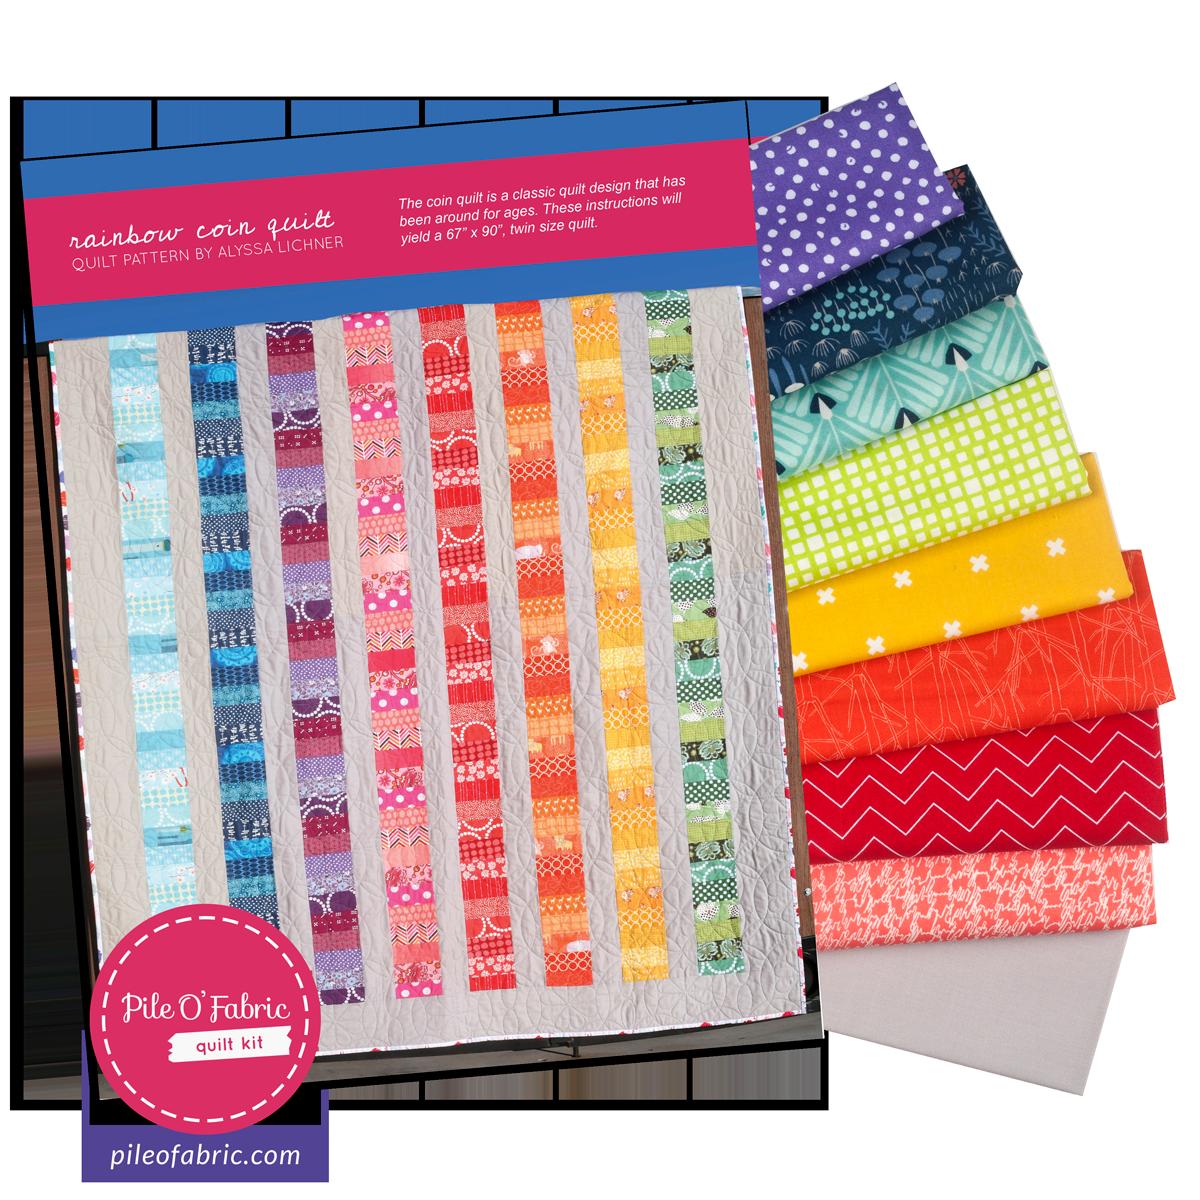 Rainbow Coin Quilt Kit